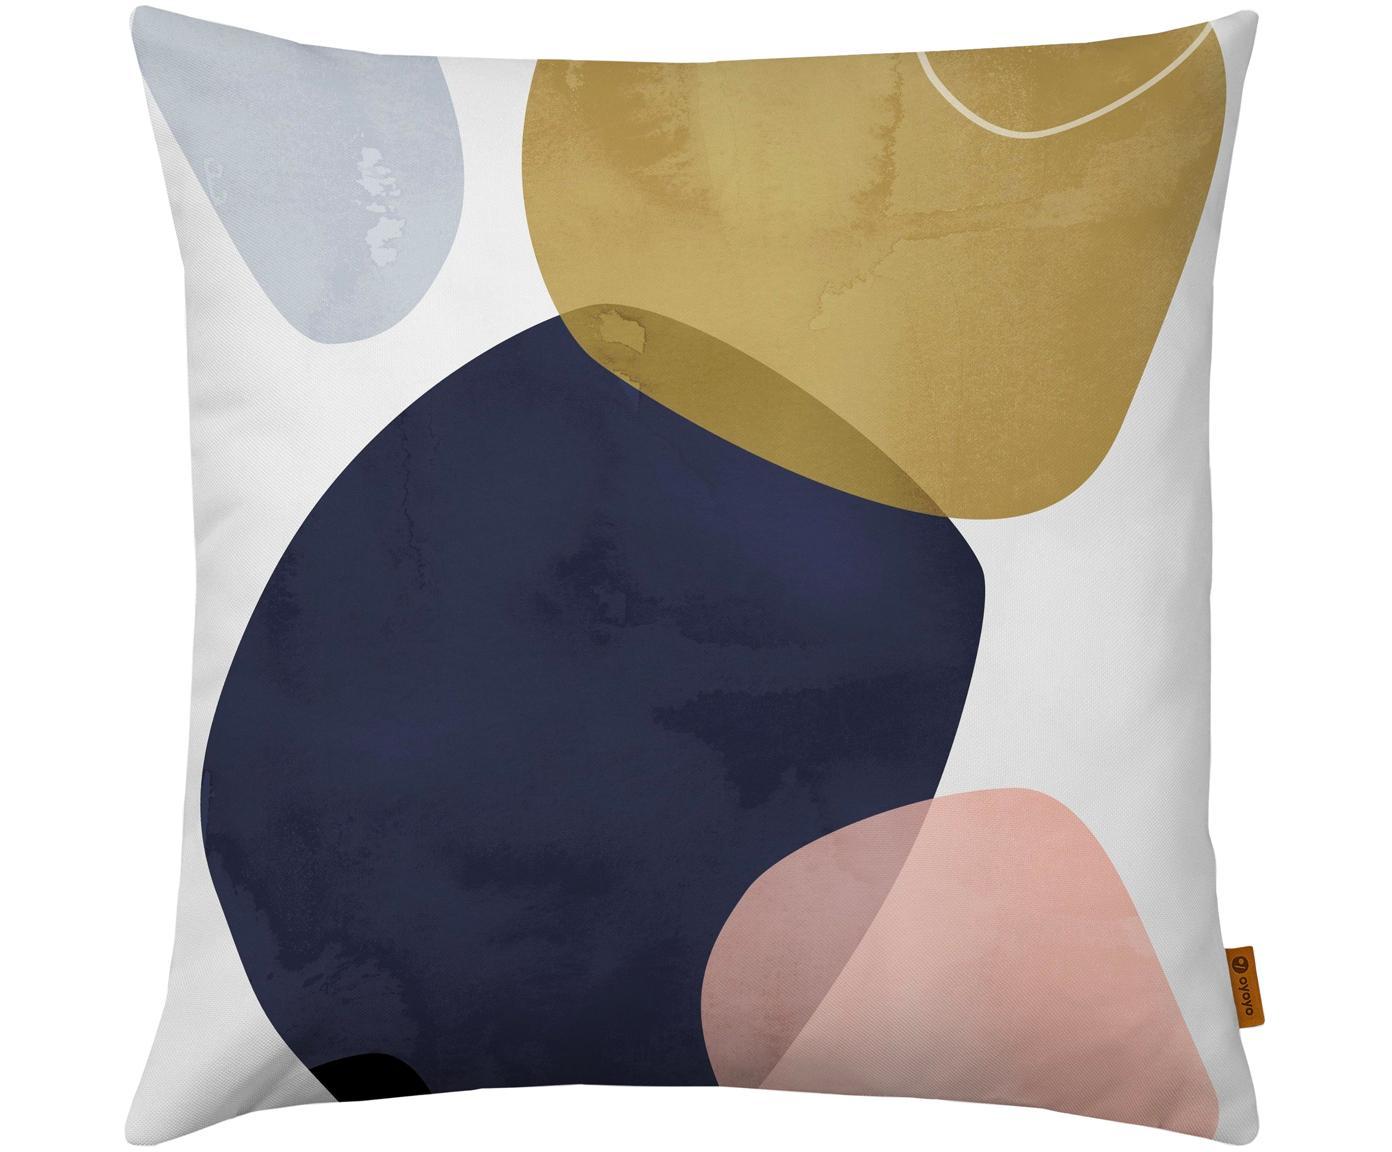 Poszewka na poduszkę Graphic, Poliester, Niebieski, złoty, biały, S 40 x D 40 cm